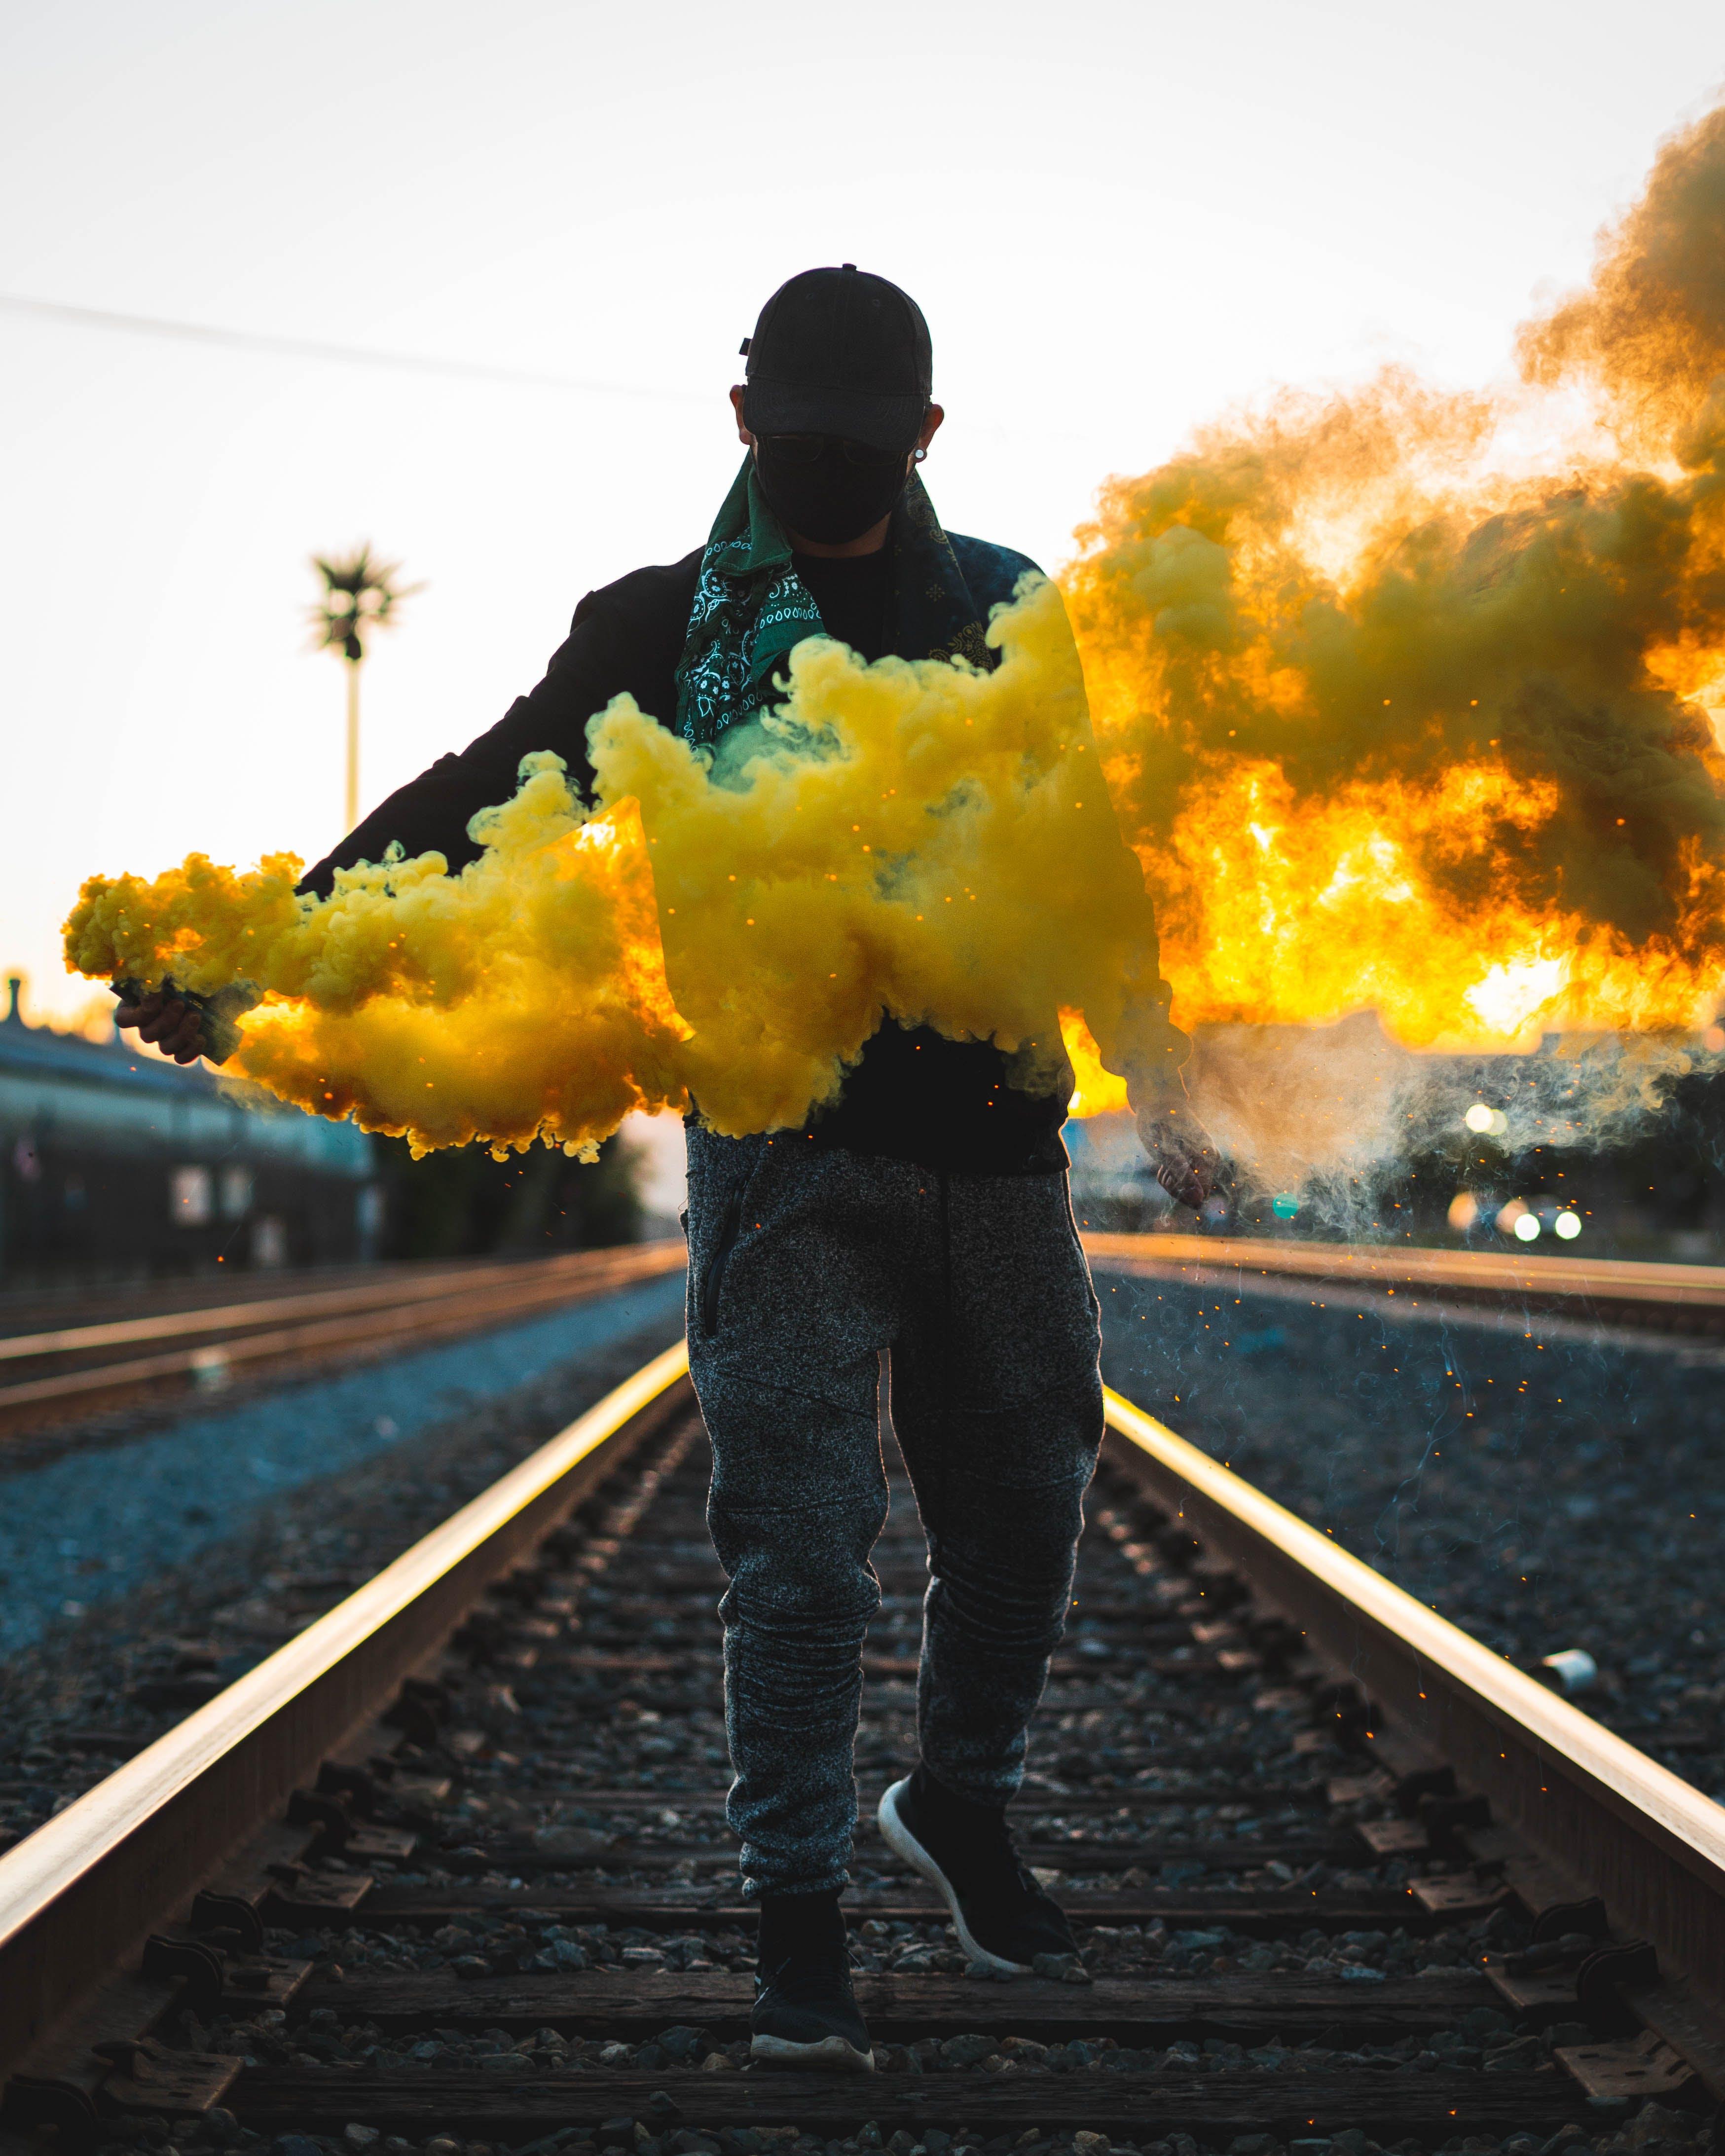 Бесплатное стоковое фото с городская фотография, держать, дымовая граната, дымовая шашка